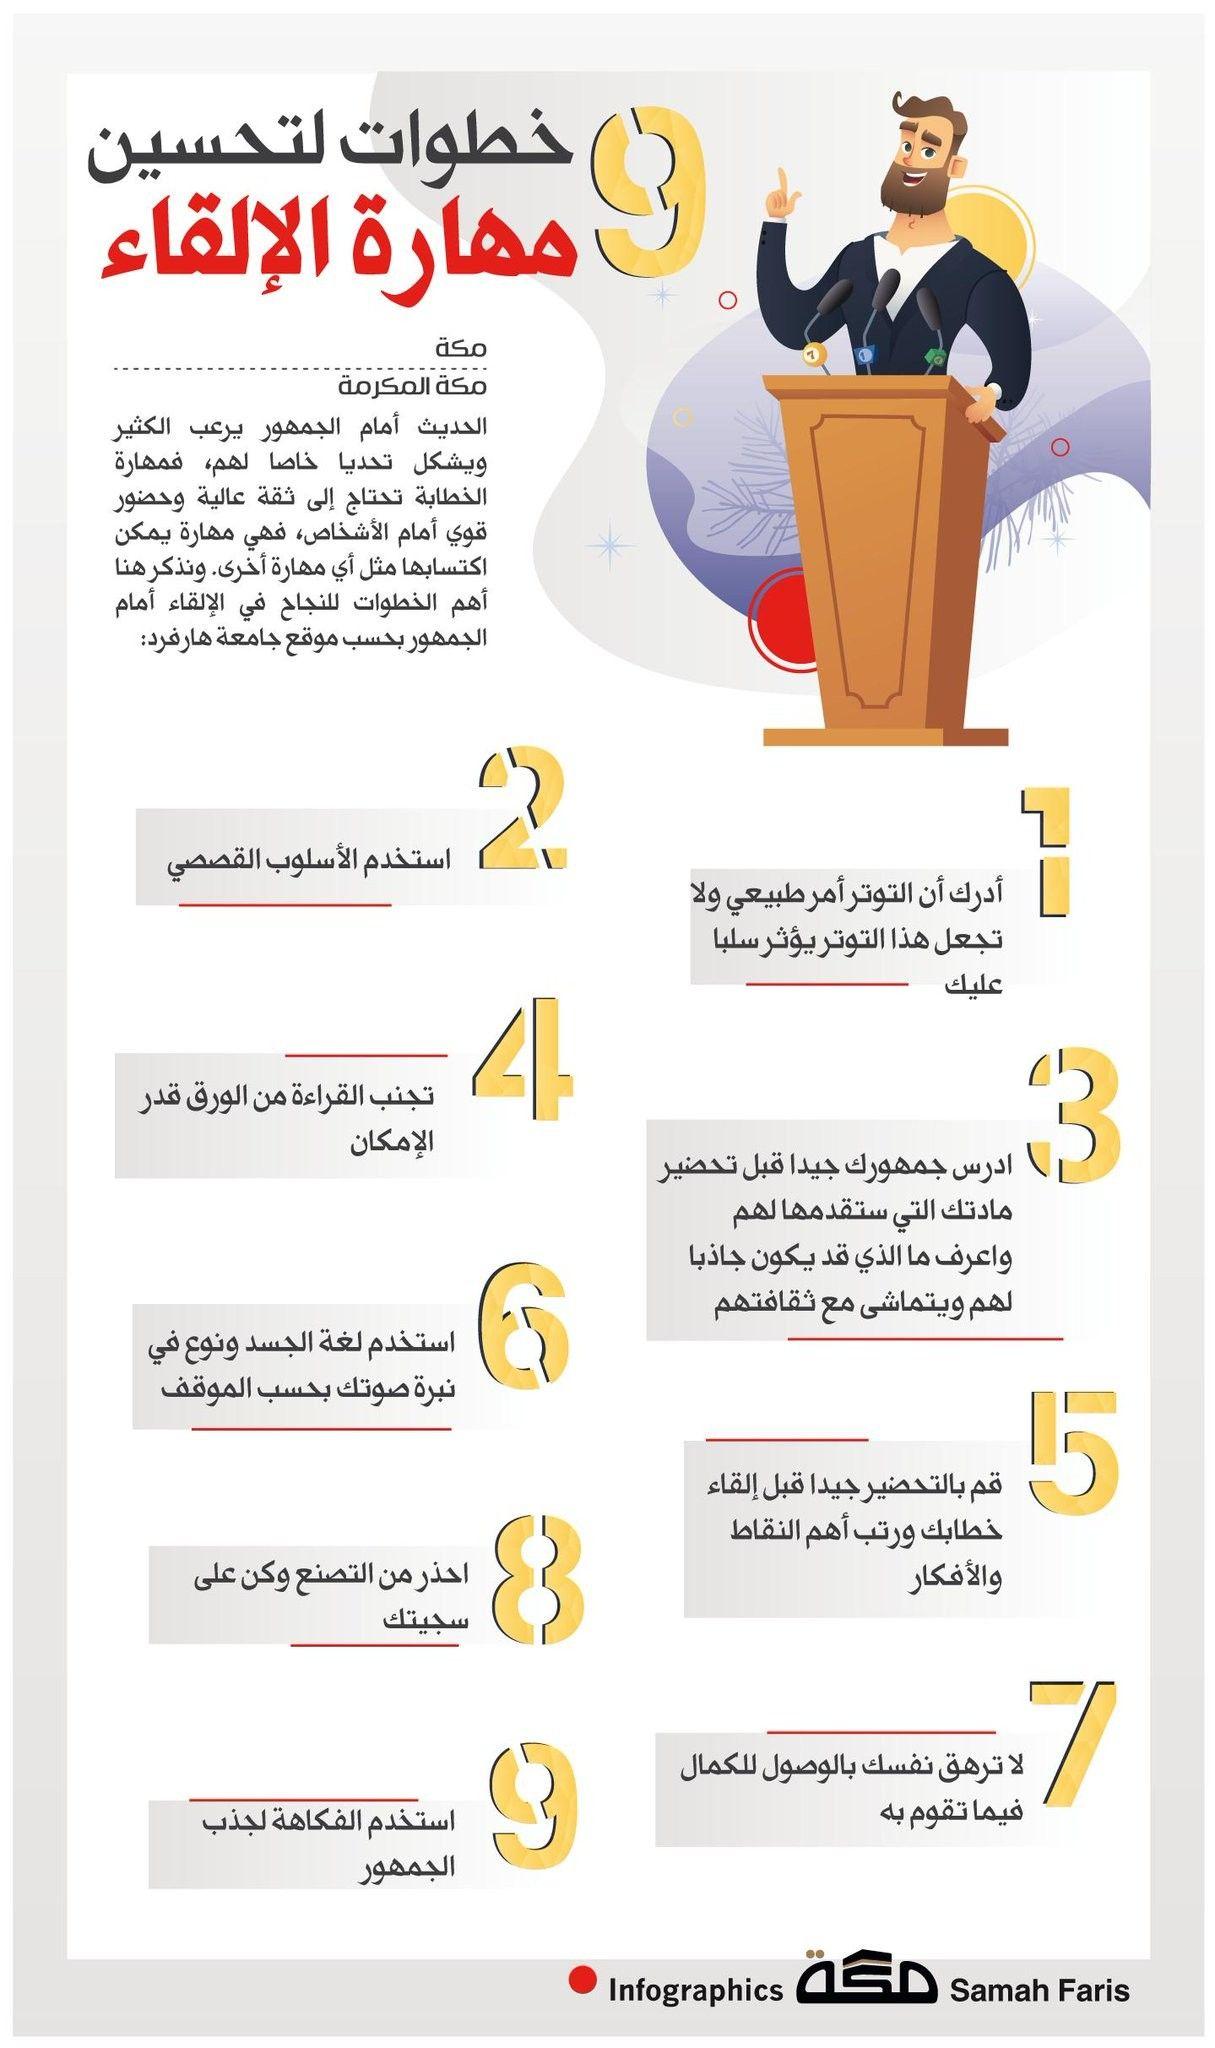 مهارة الالقاء Self Development Life Skills Infographic